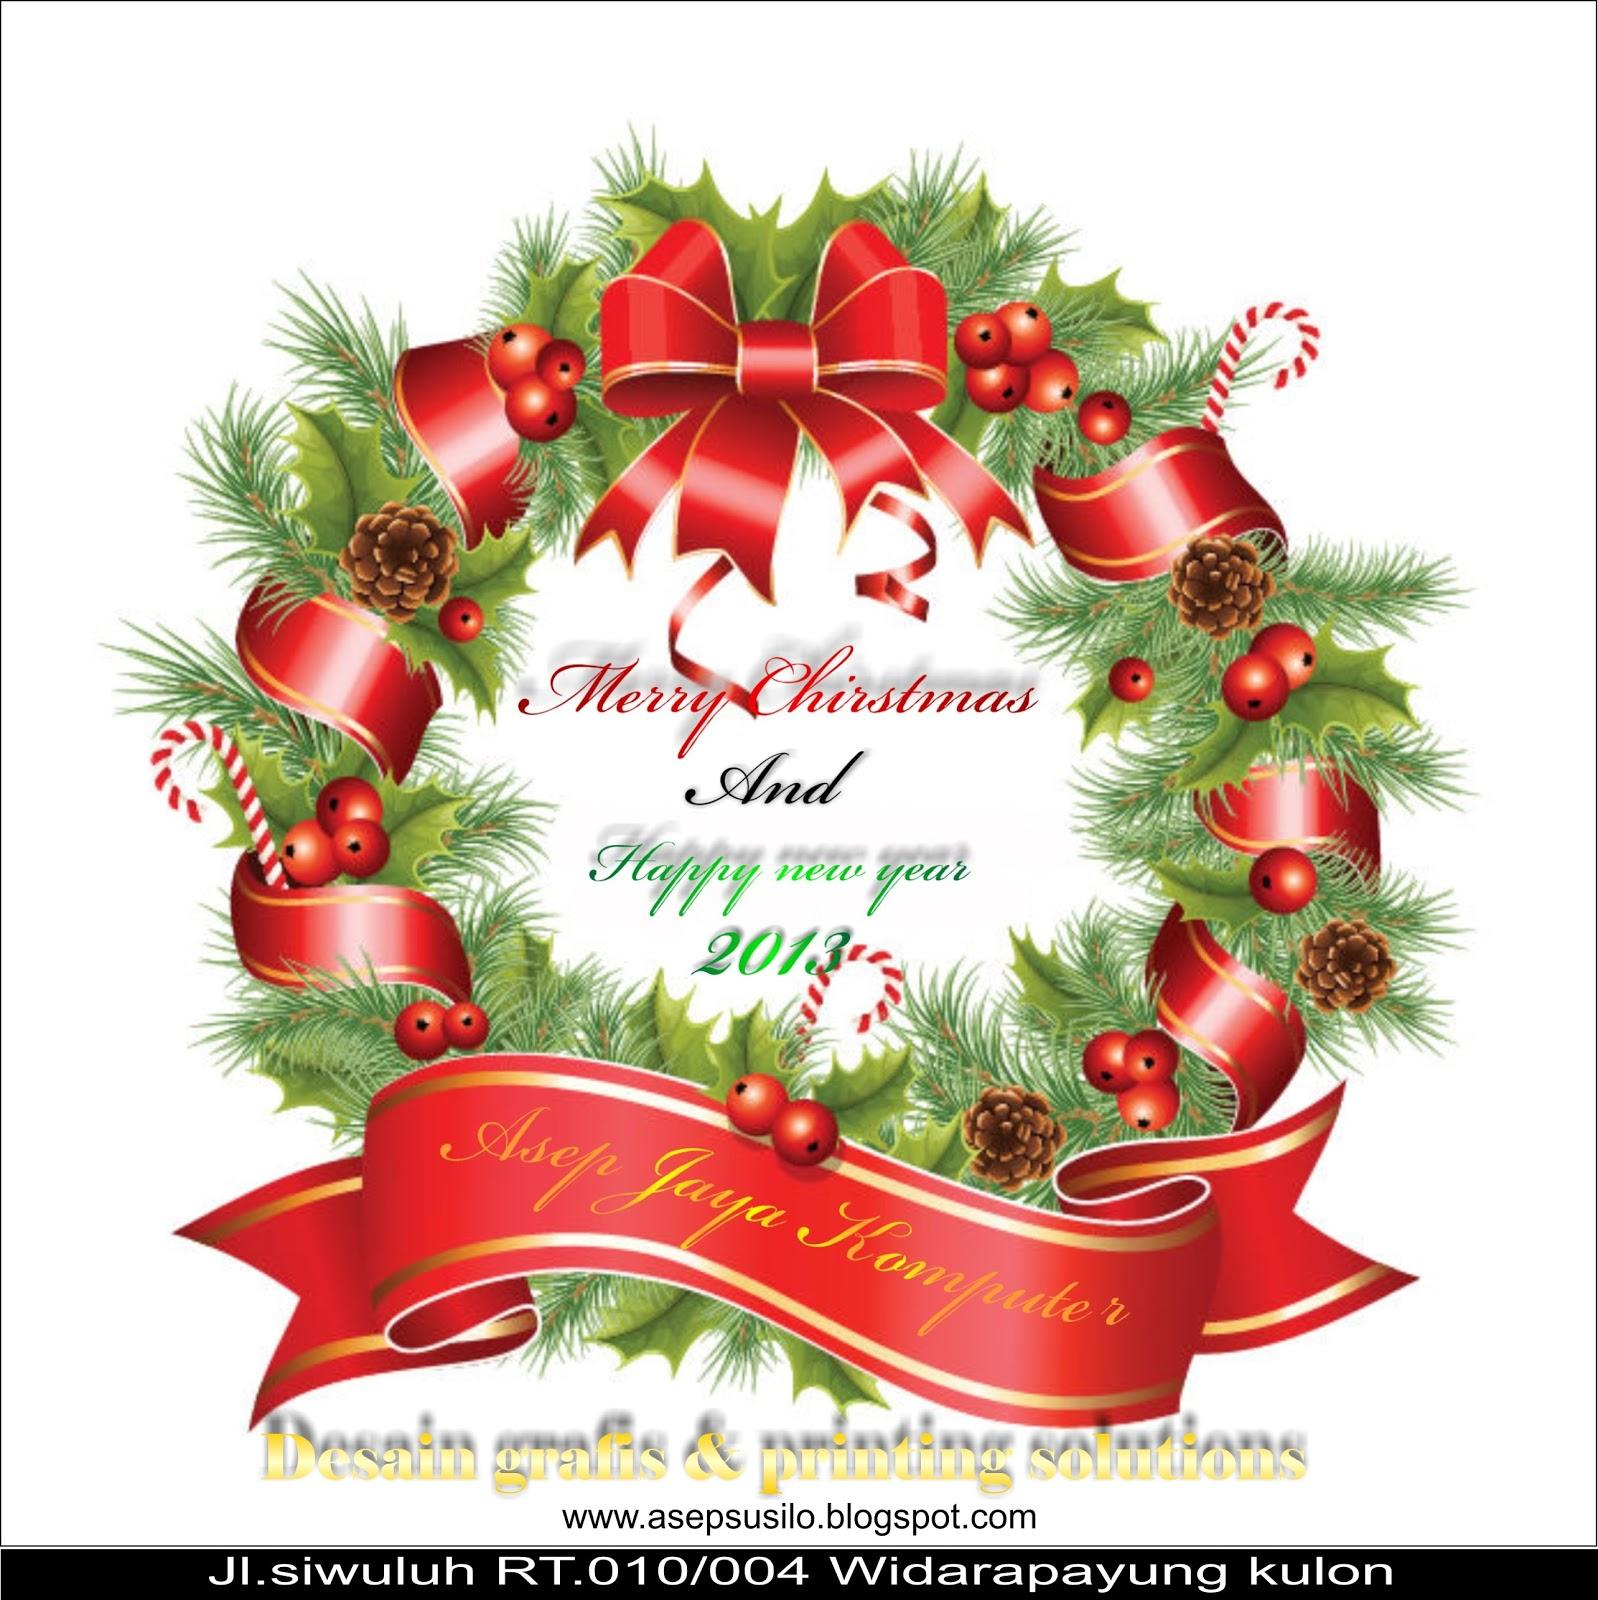 Download image Gambar Ucapan Selamat Tahun Baru Genuardis Portal PC ...